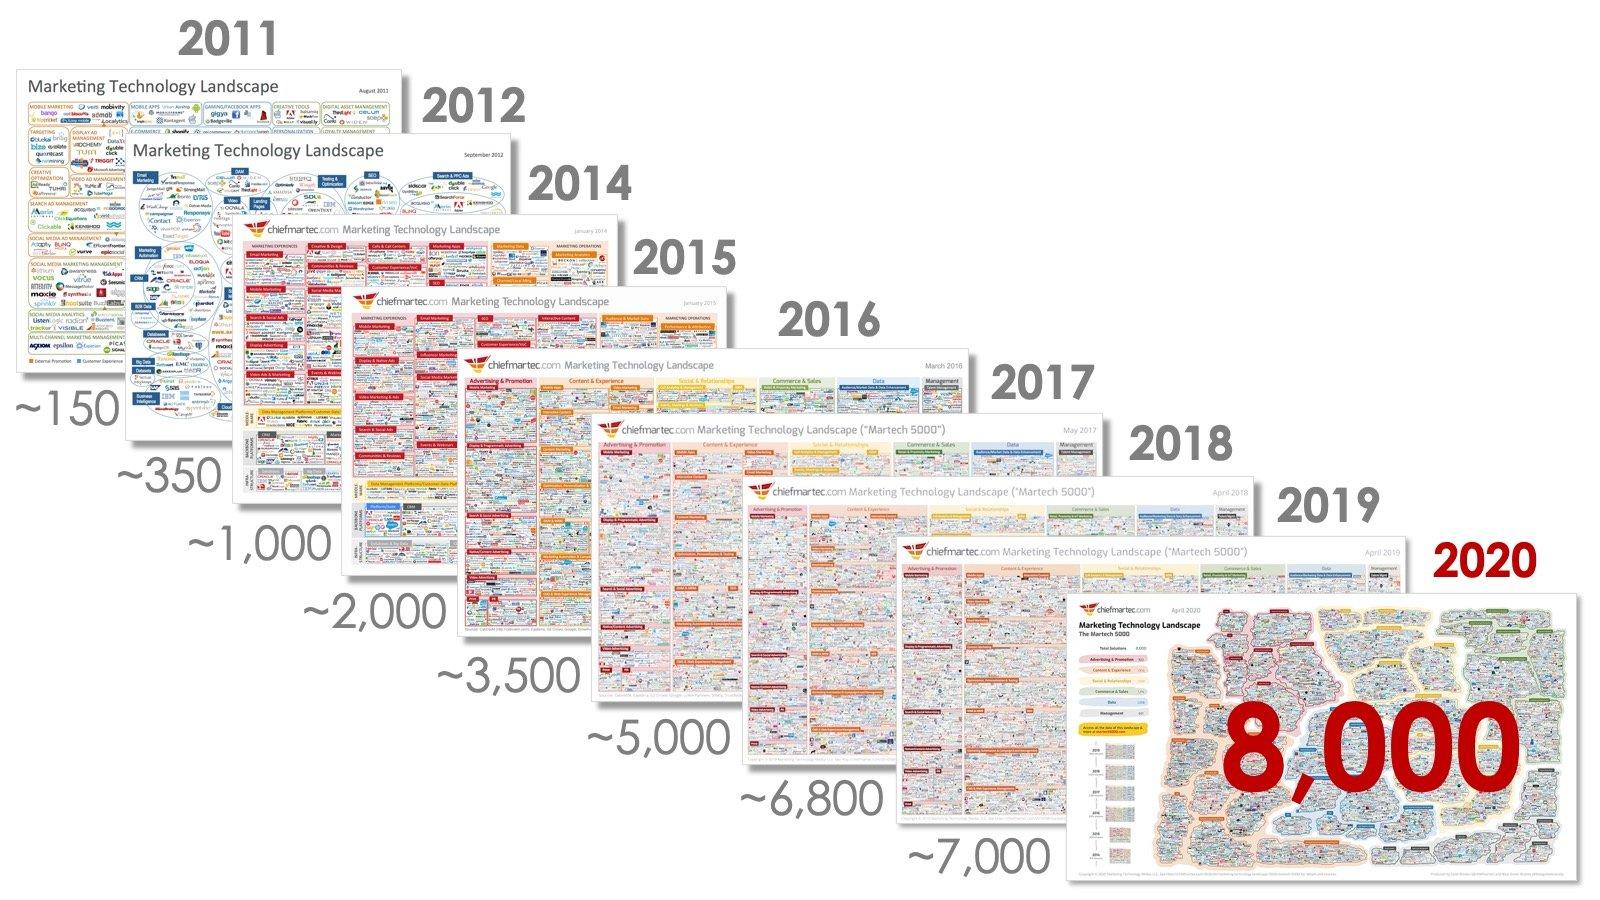 martech-landscape-2021